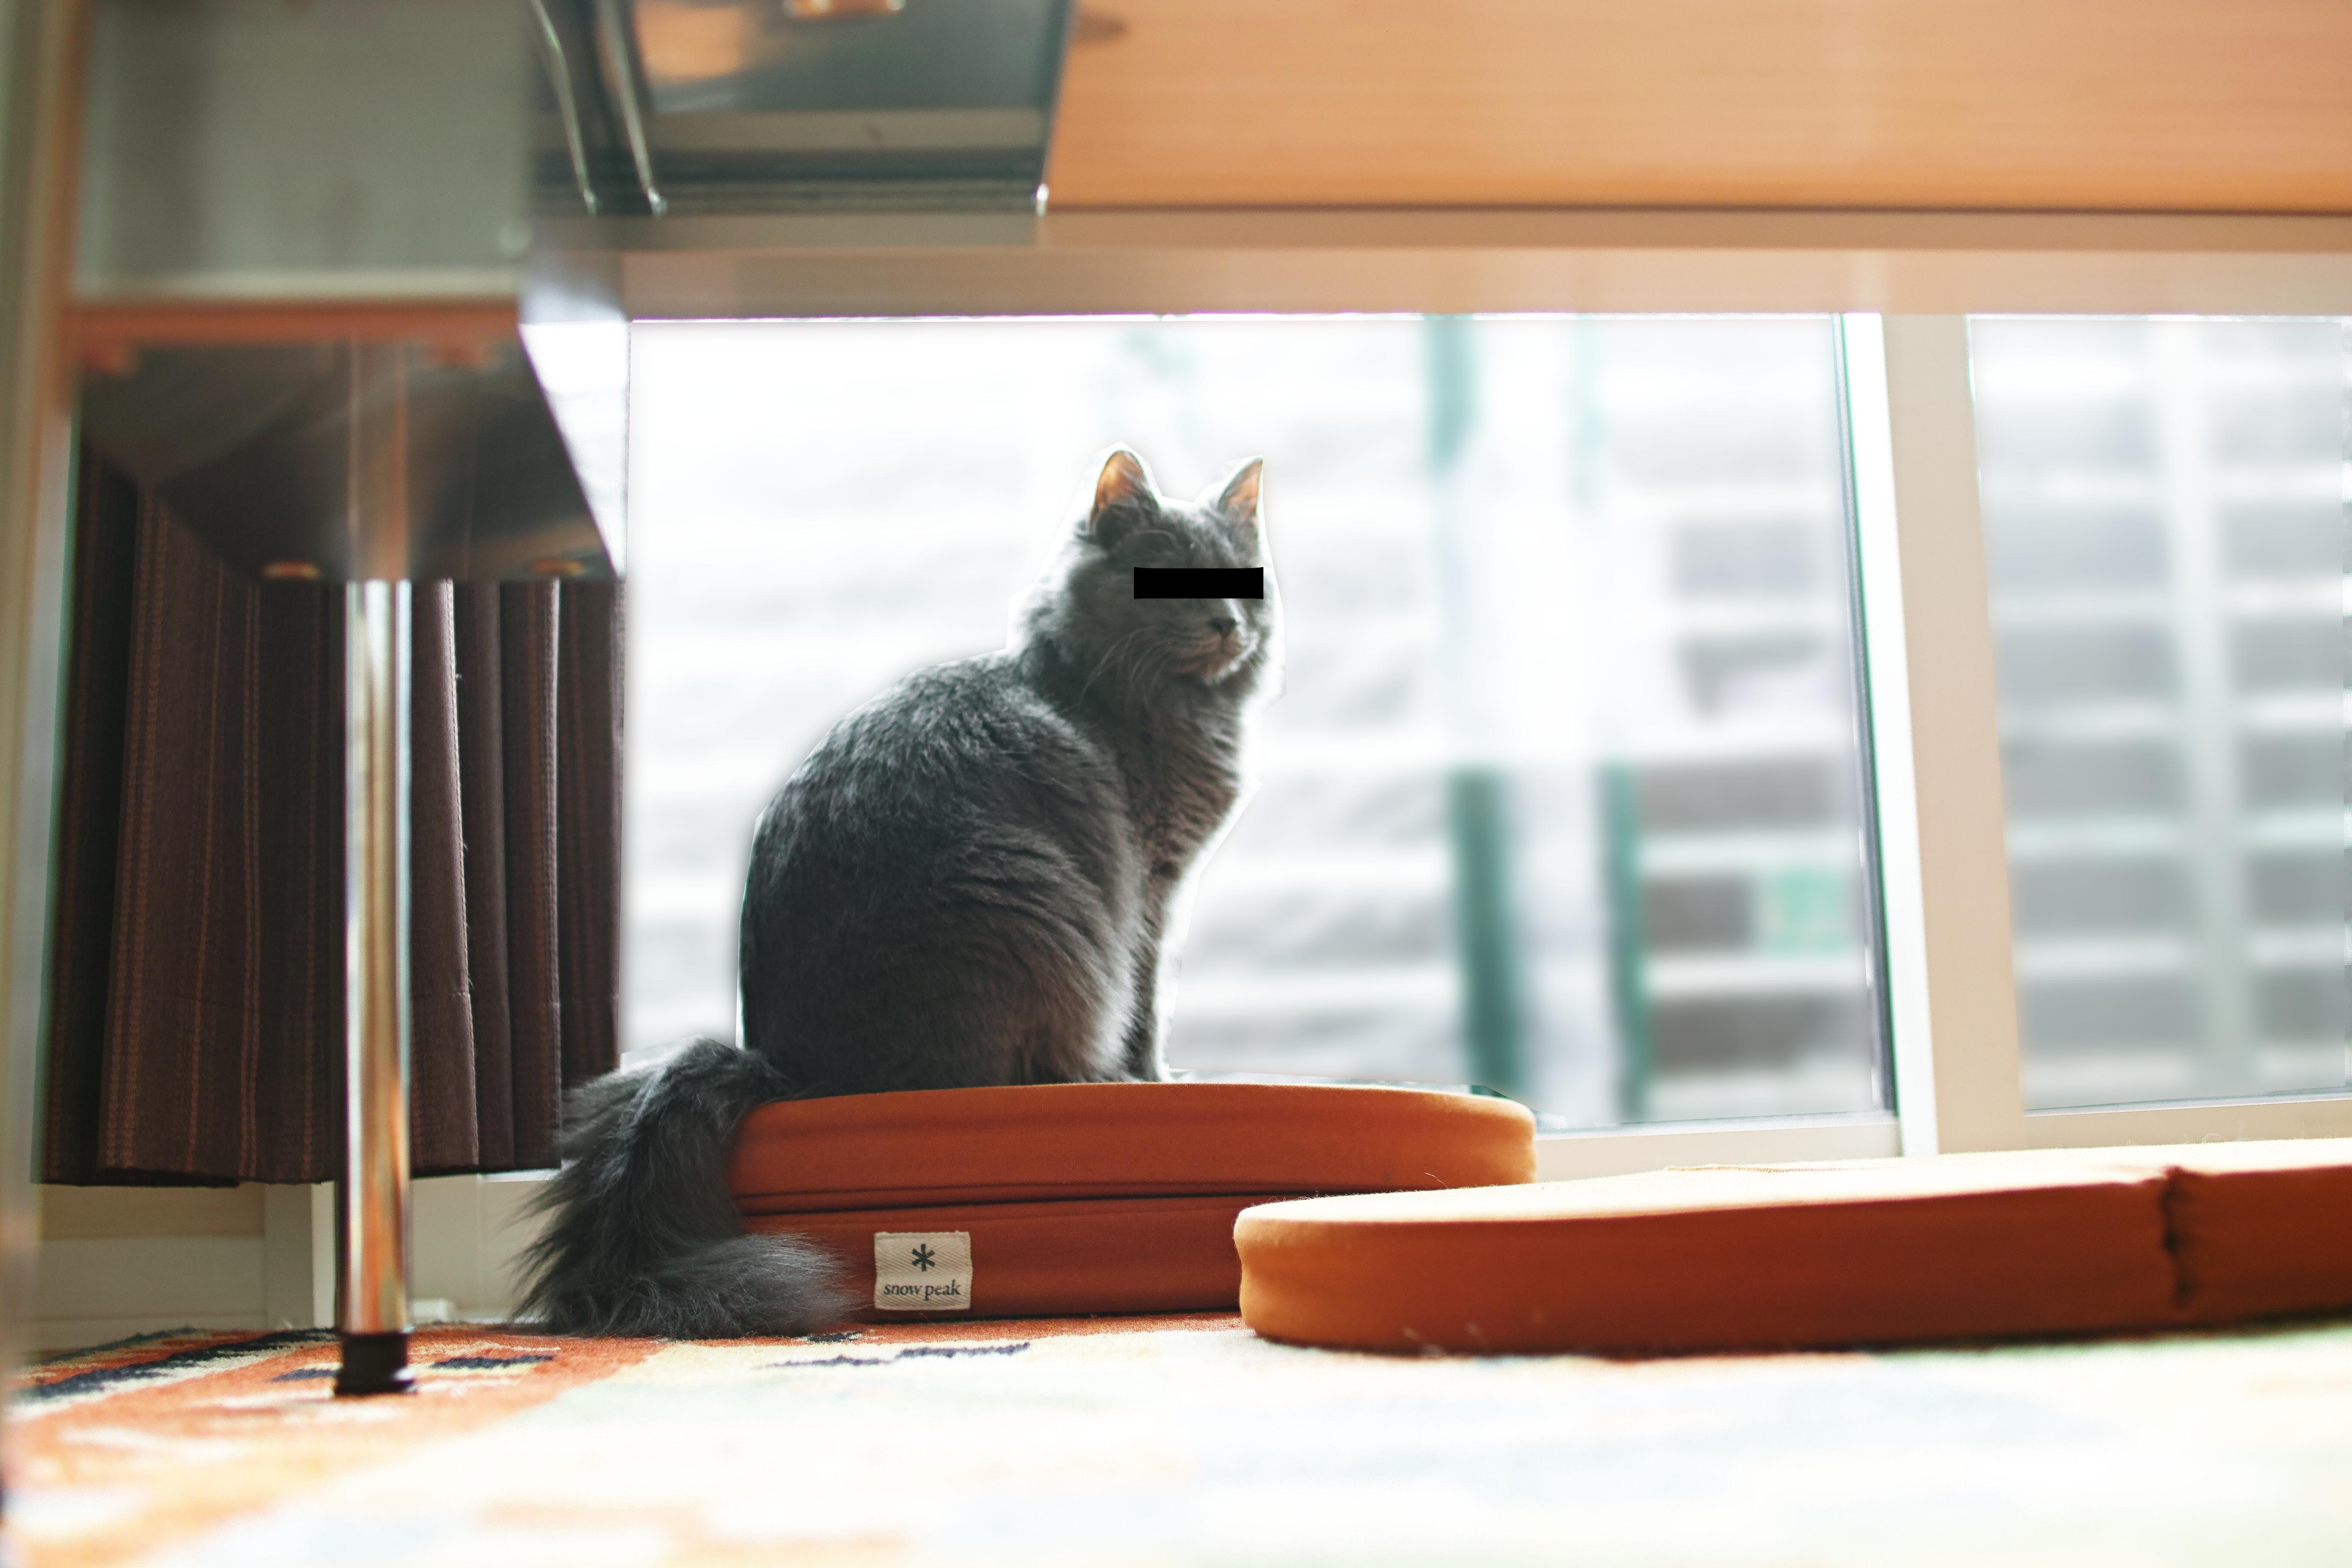 猫をホイホイできる!スノーピーク 「ラウンジクッション」。